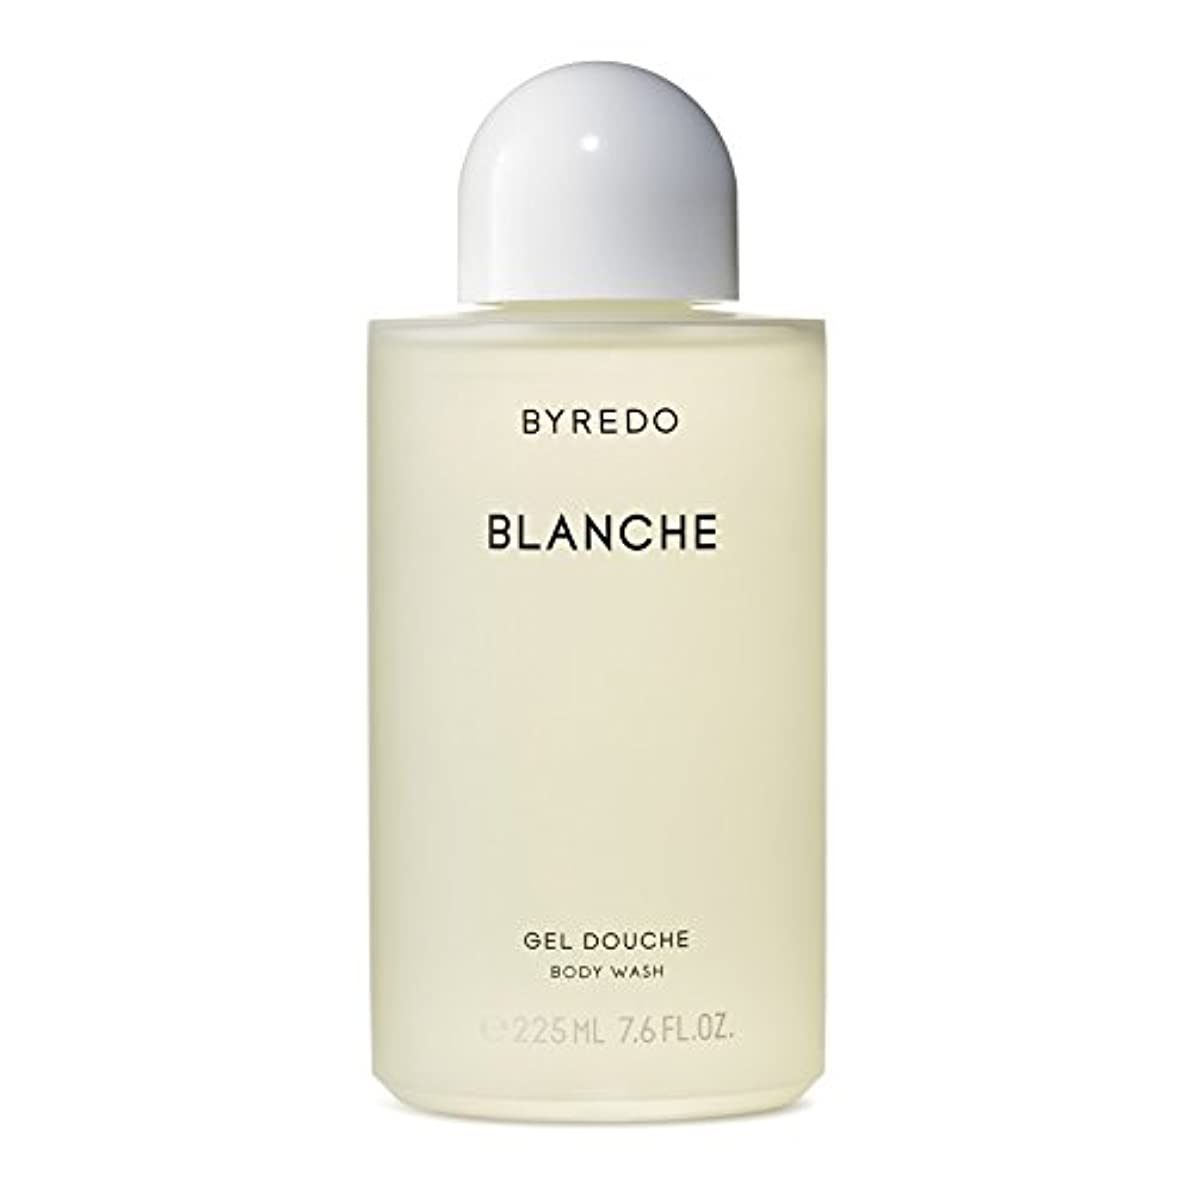 許す人種ブロックするByredo Blanche Body Wash 225ml - ブランシュボディウォッシュ225ミリリットル [並行輸入品]